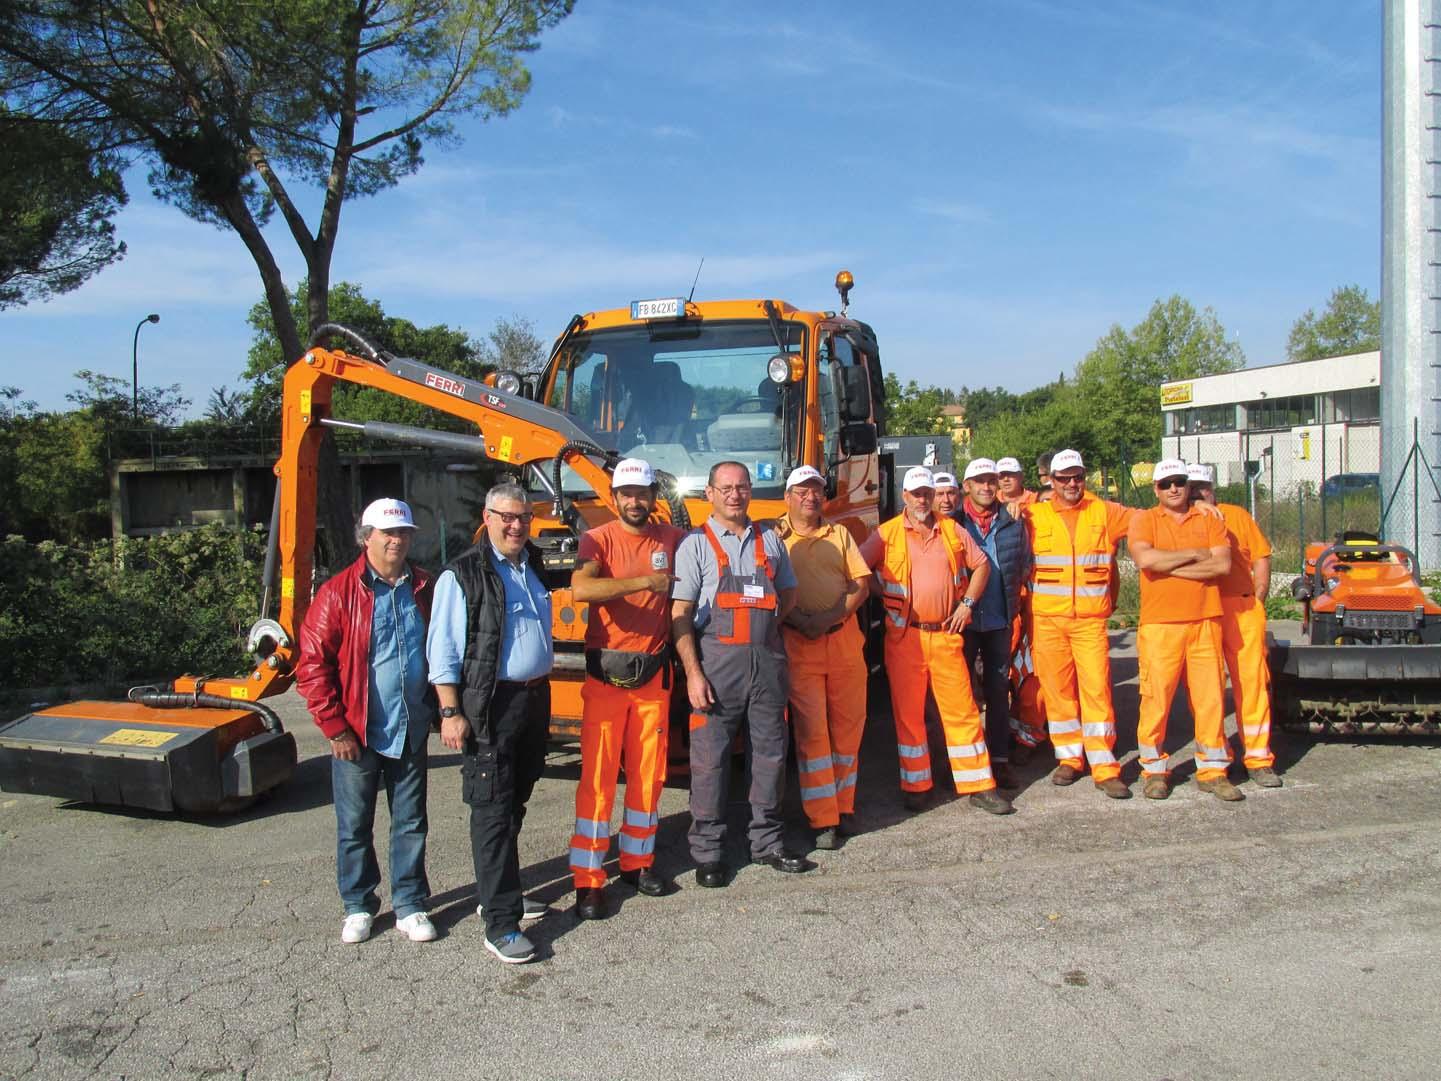 Dimostrazione Ferri a Siena con Unimog